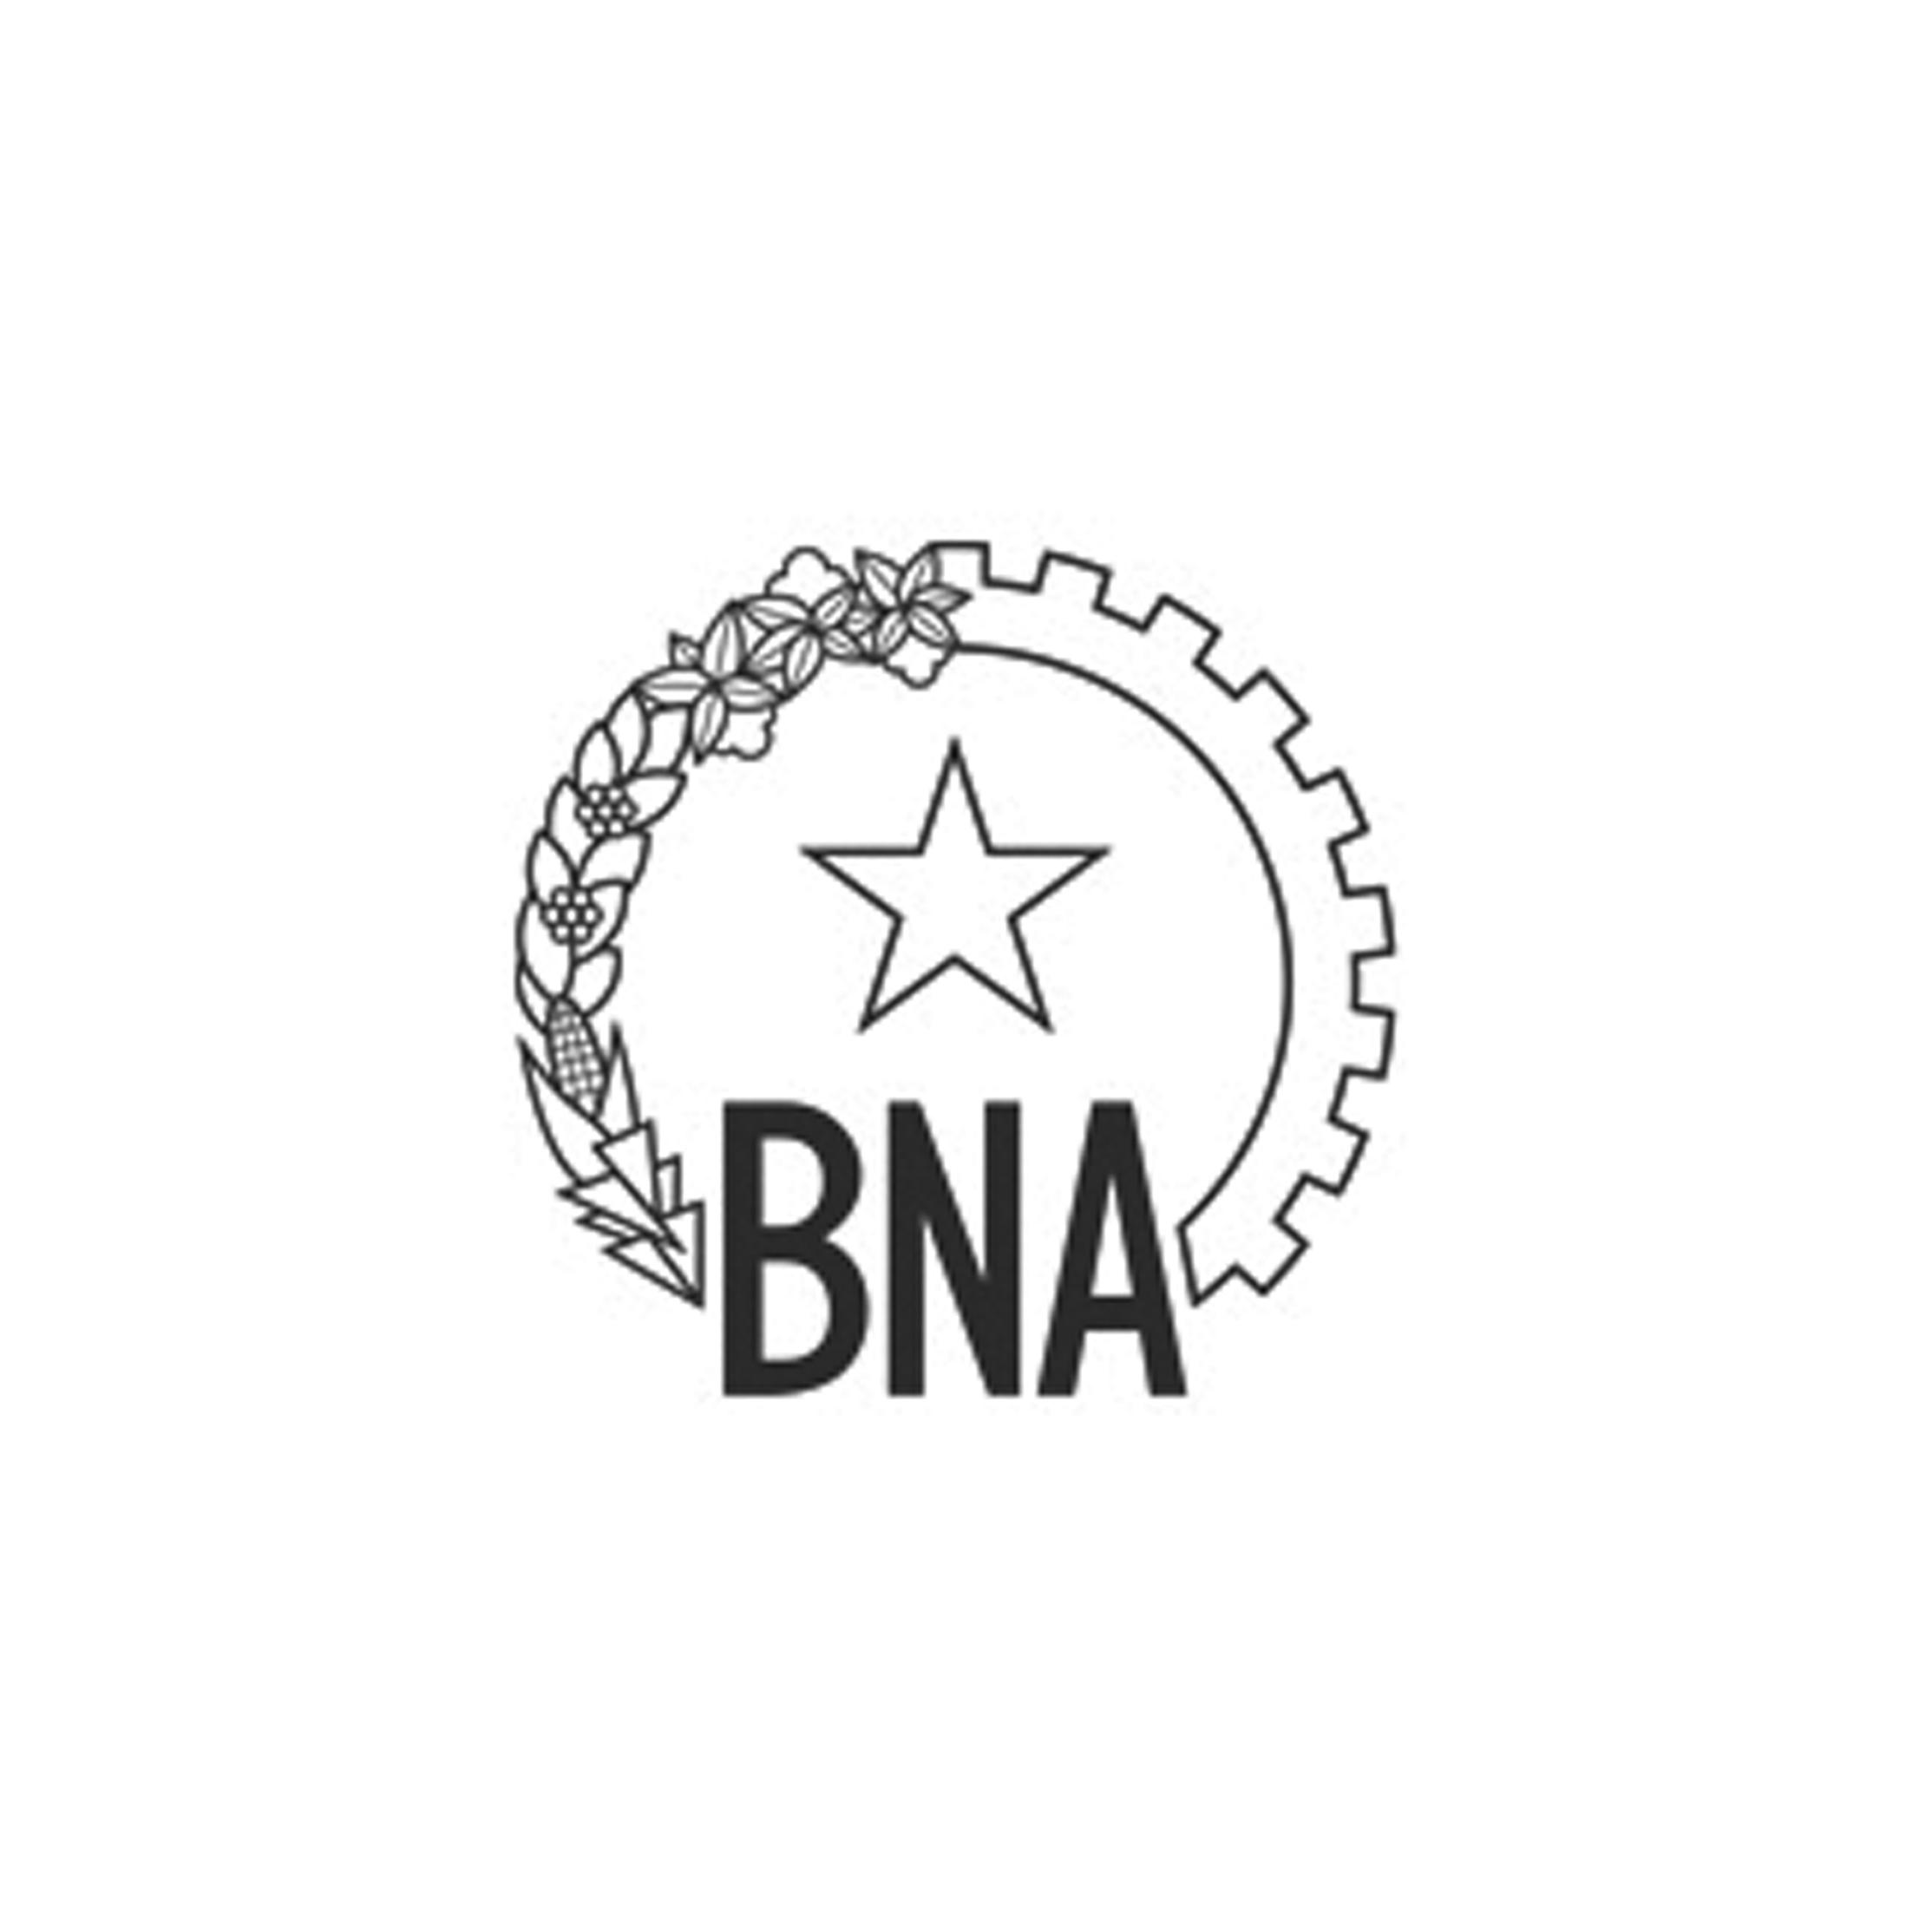 BNA.jpg